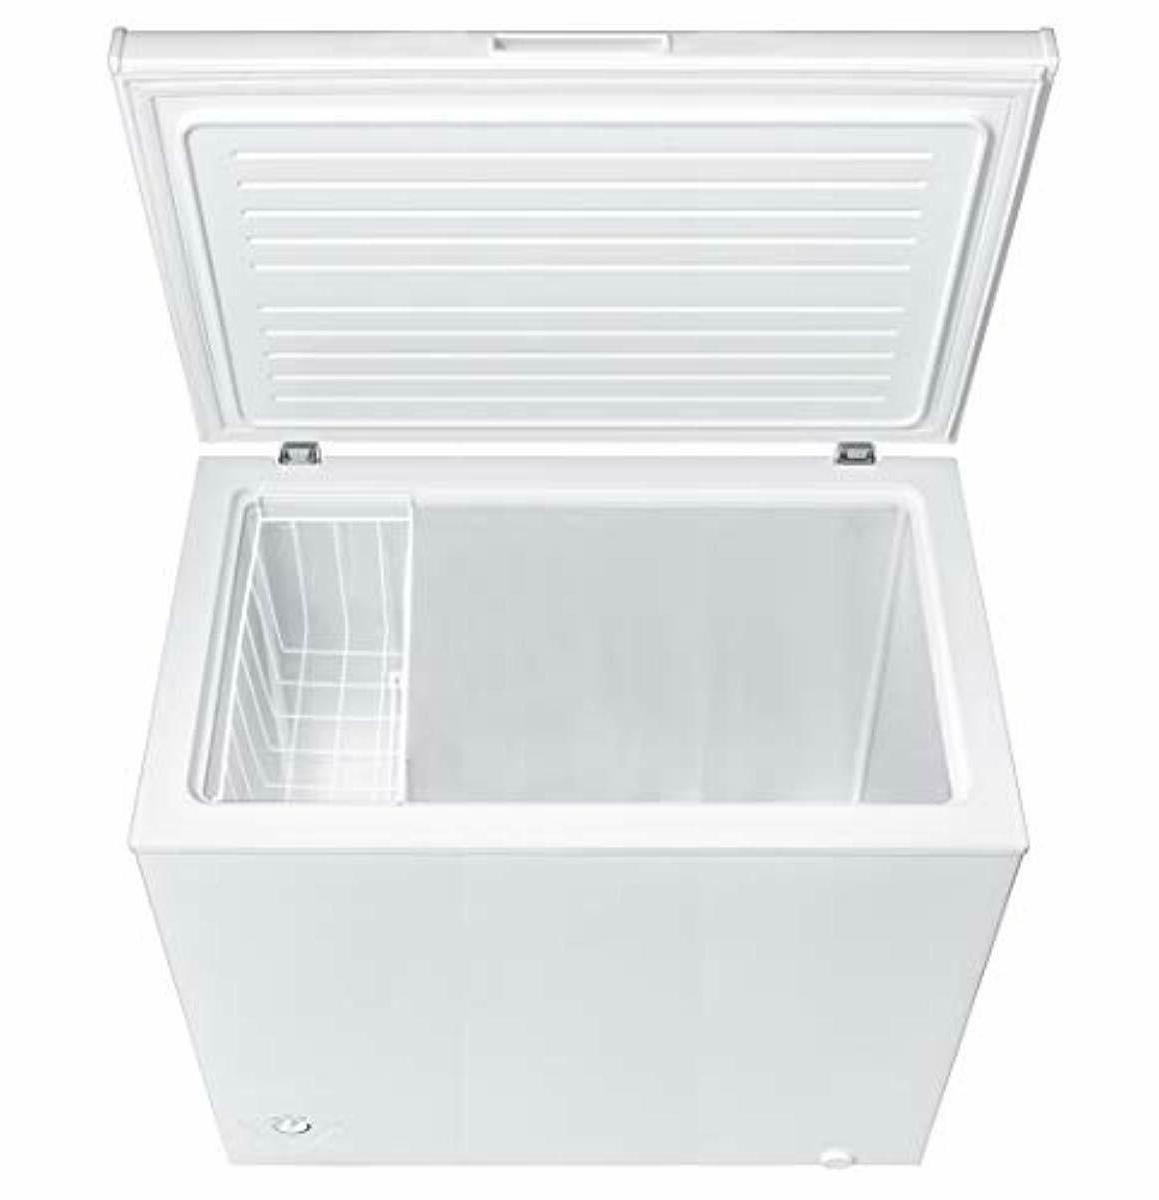 Midea Freezer,